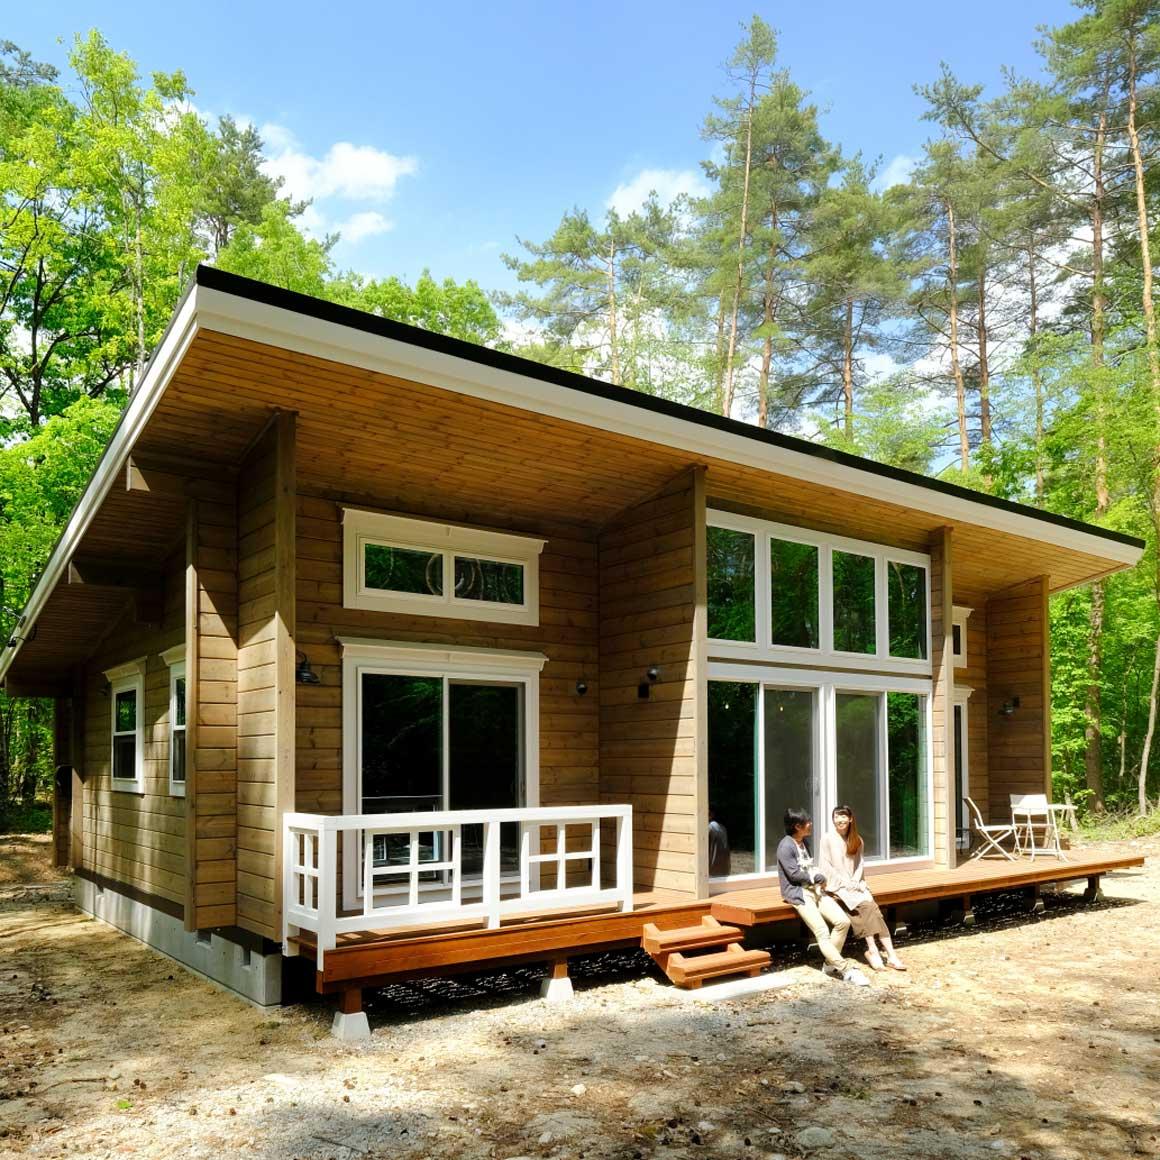 自然と生きる。森に佇む平屋のログハウス